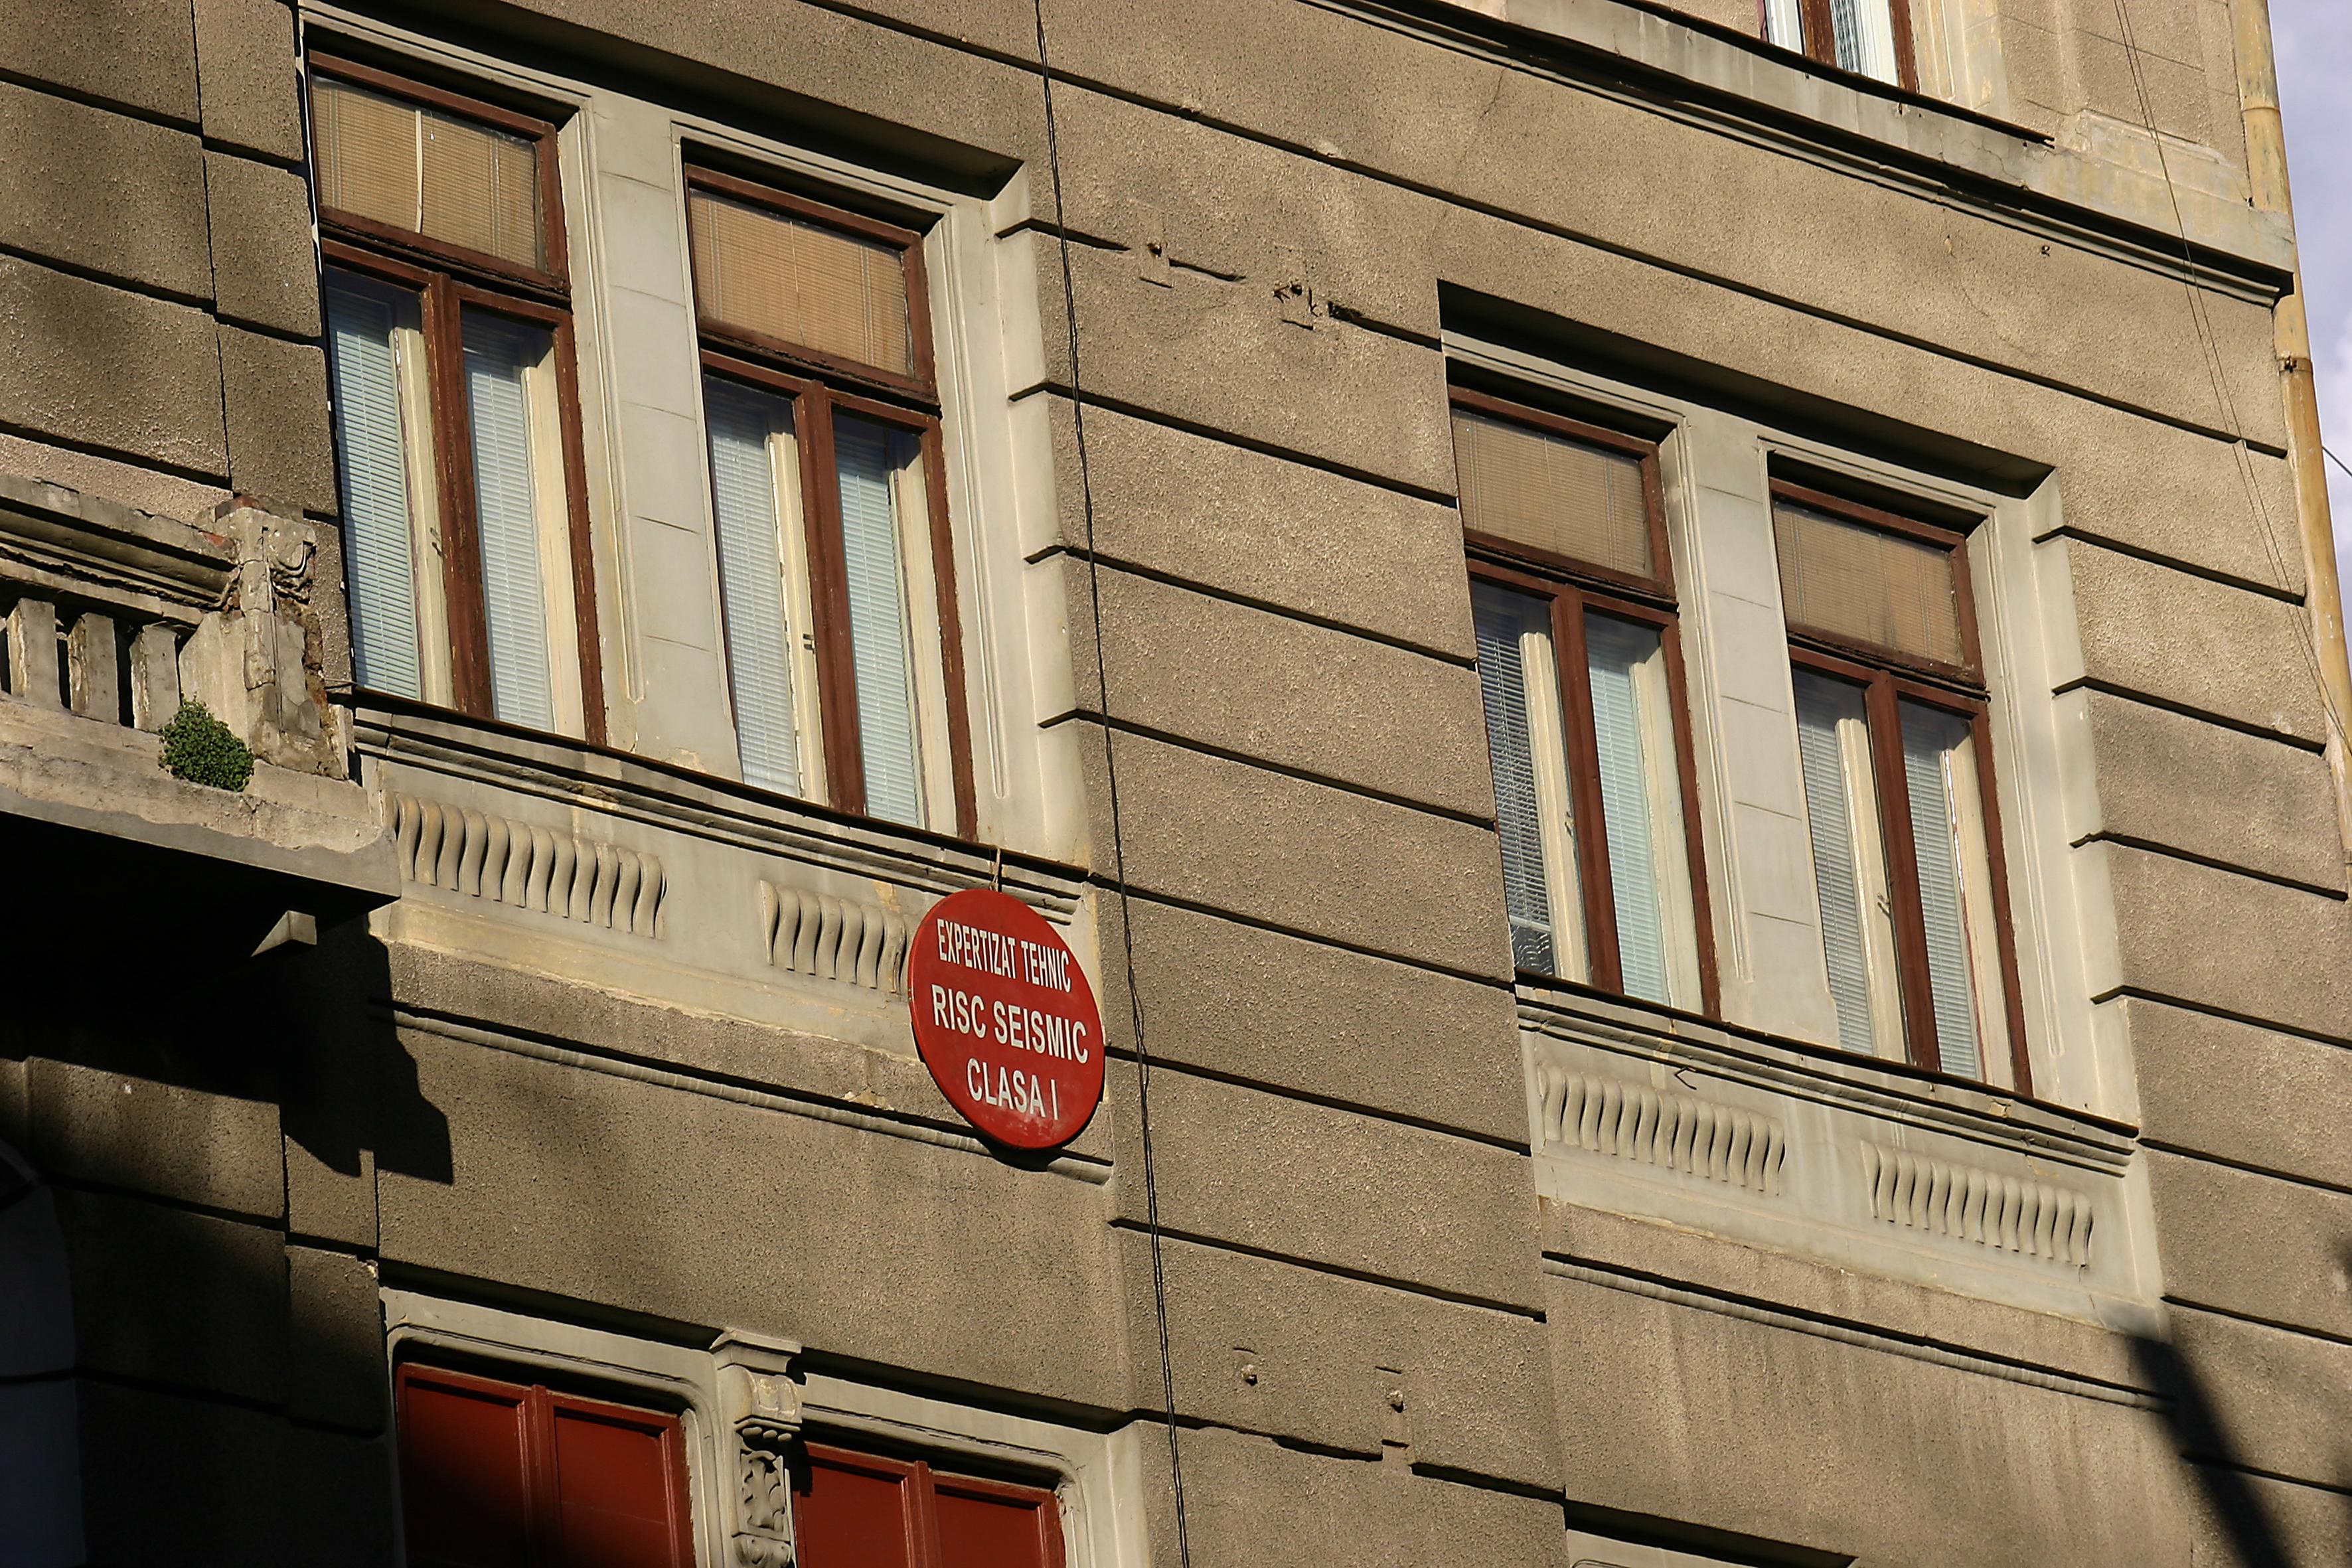 Guvernul interzice asigurarea cladirilor cu bulina rosie!